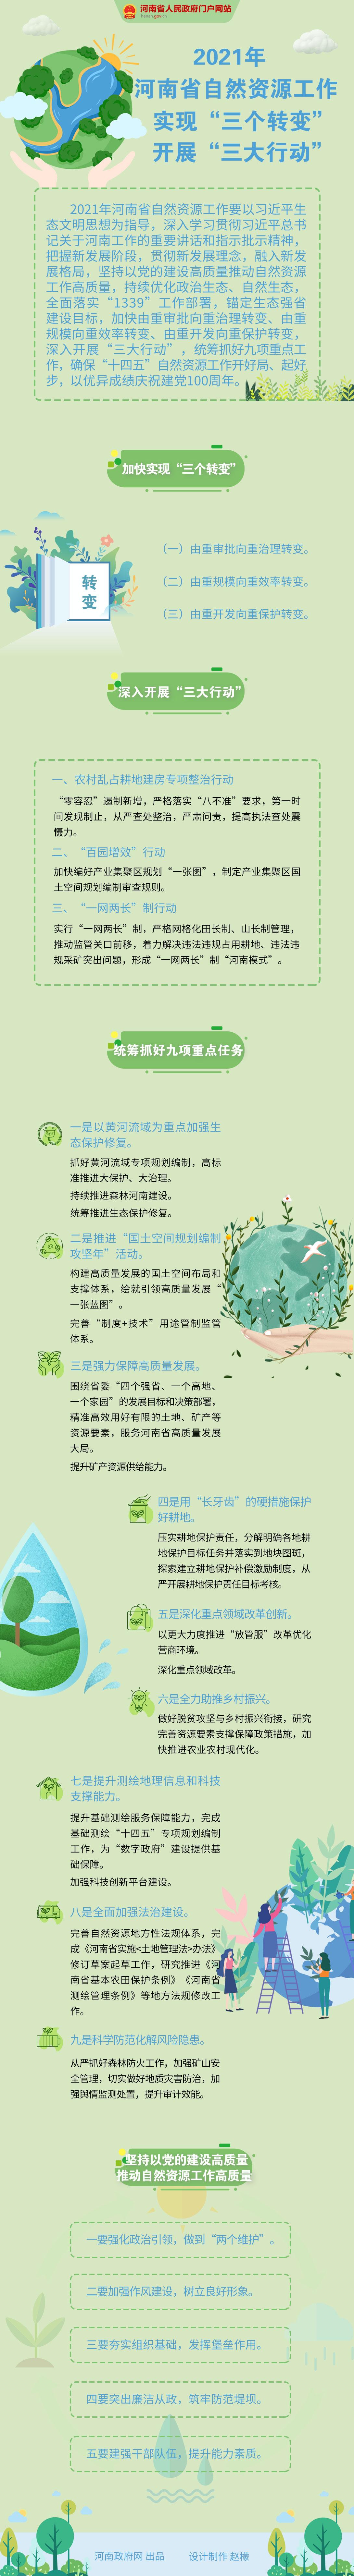 图解:河南省奋力开创2021年自然资源工作高质量发展新局面